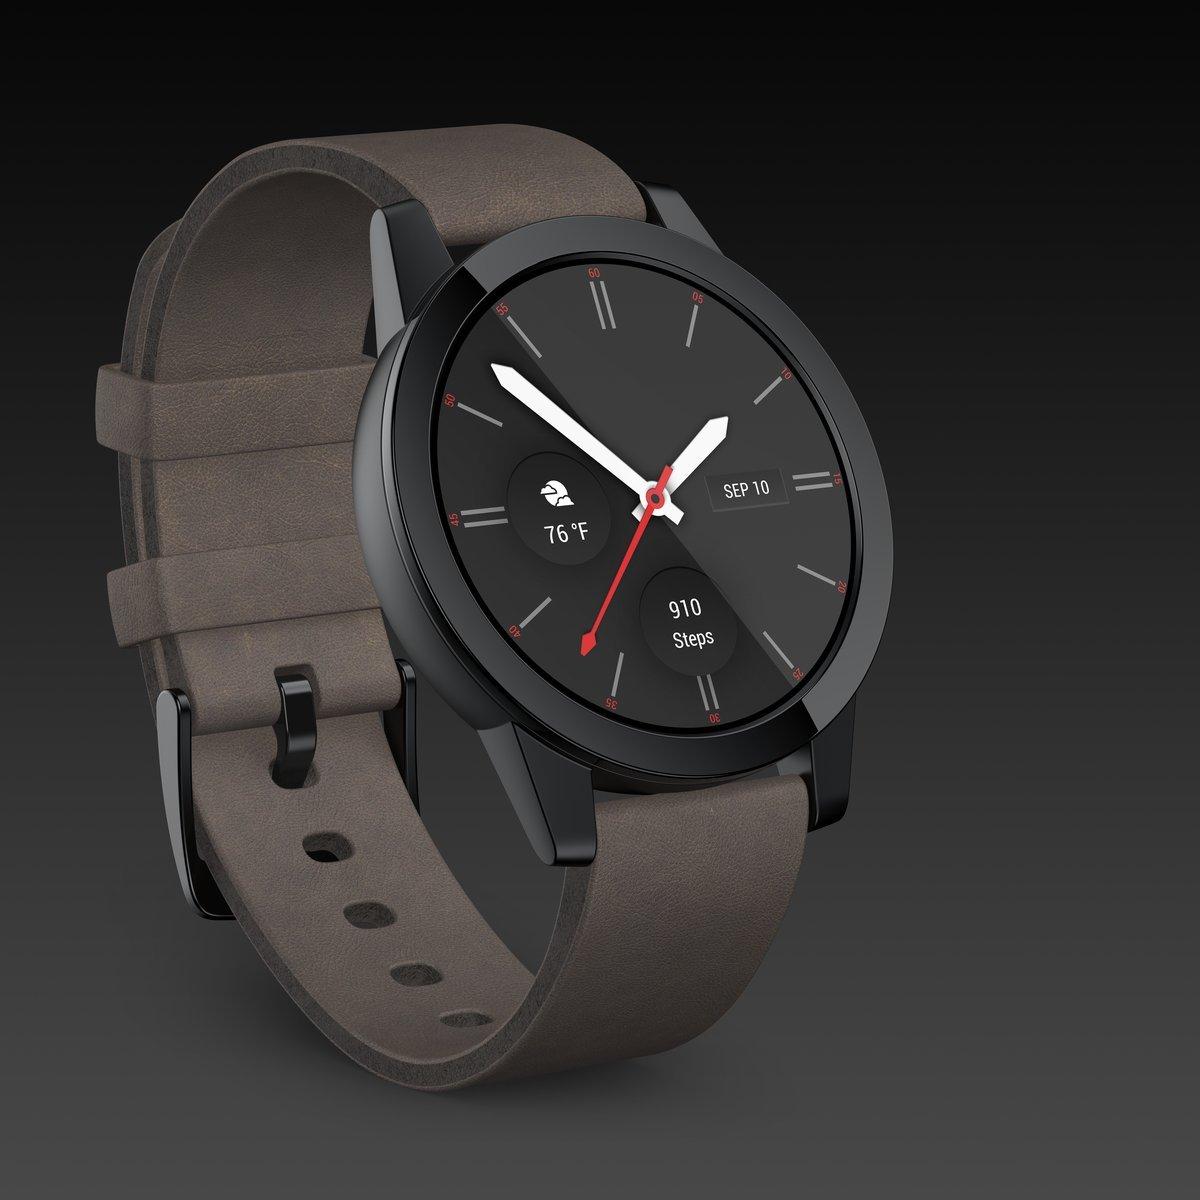 Qualcomm Snapdragon Wear 3100: Chipset Untuk Jam Tangan Pintar yang Lebih Hemat Daya